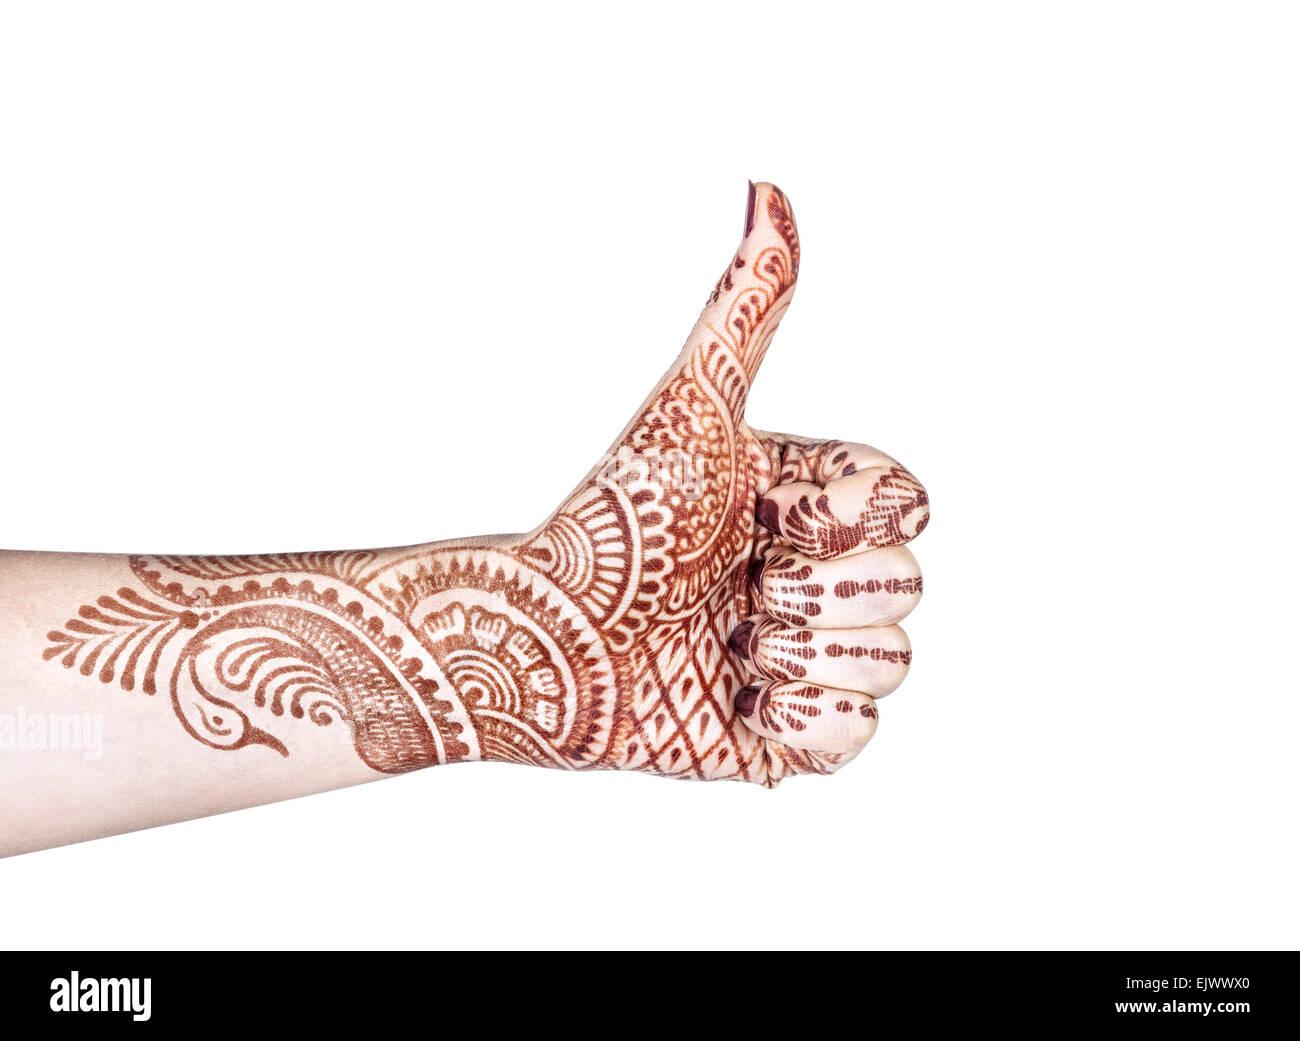 Mujer mano con henna haciendo Merudanda mudra aislado sobre fondo blanco con el recorte Imagen De Stock